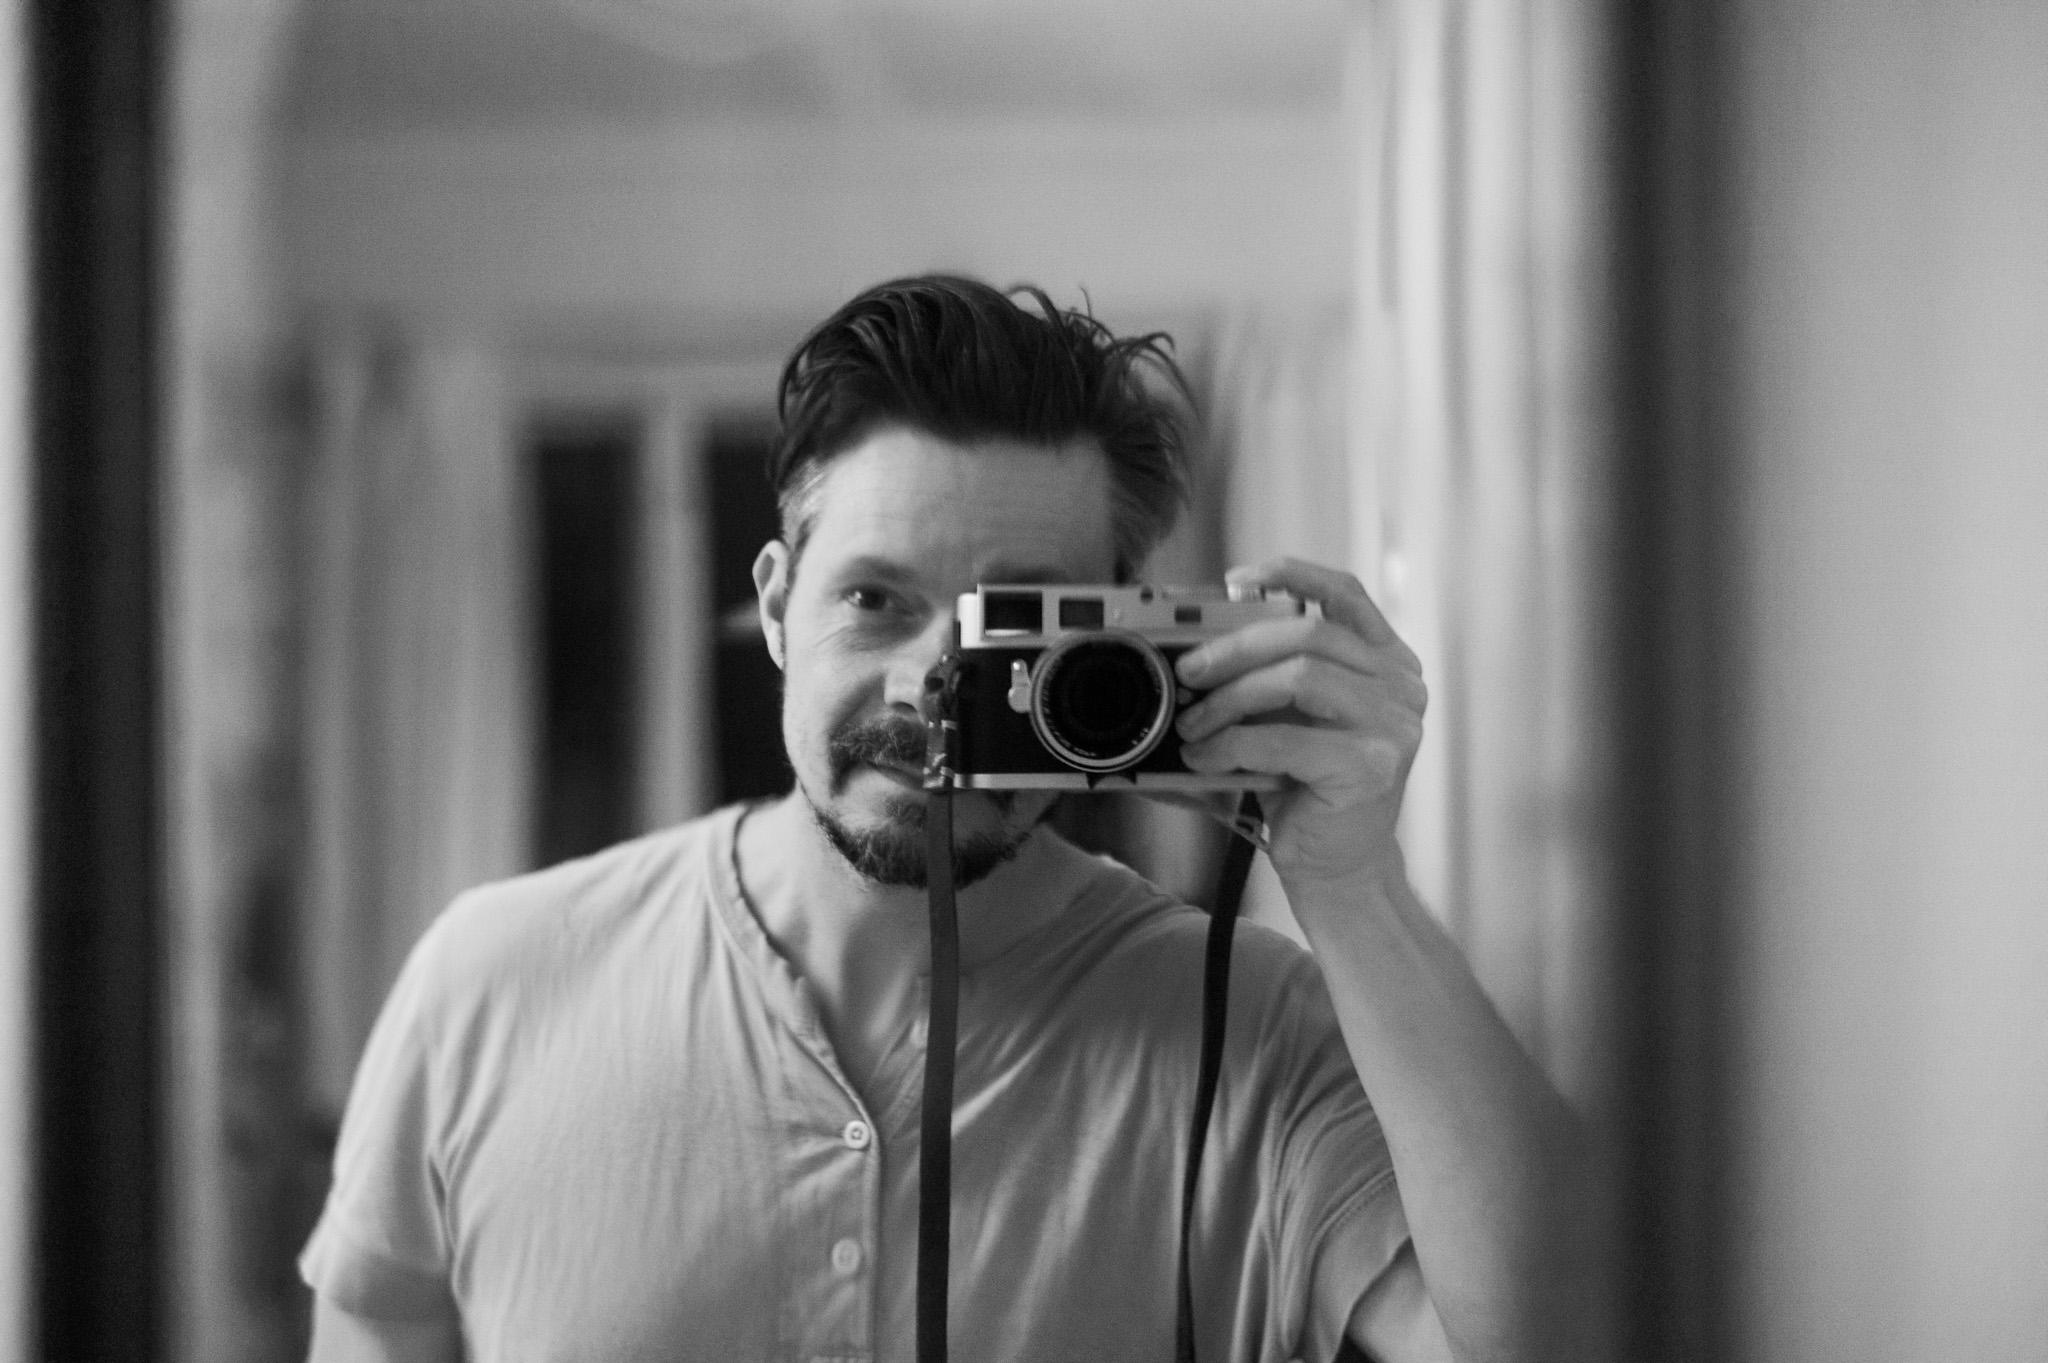 Mathias Hegnsvang bag kamera